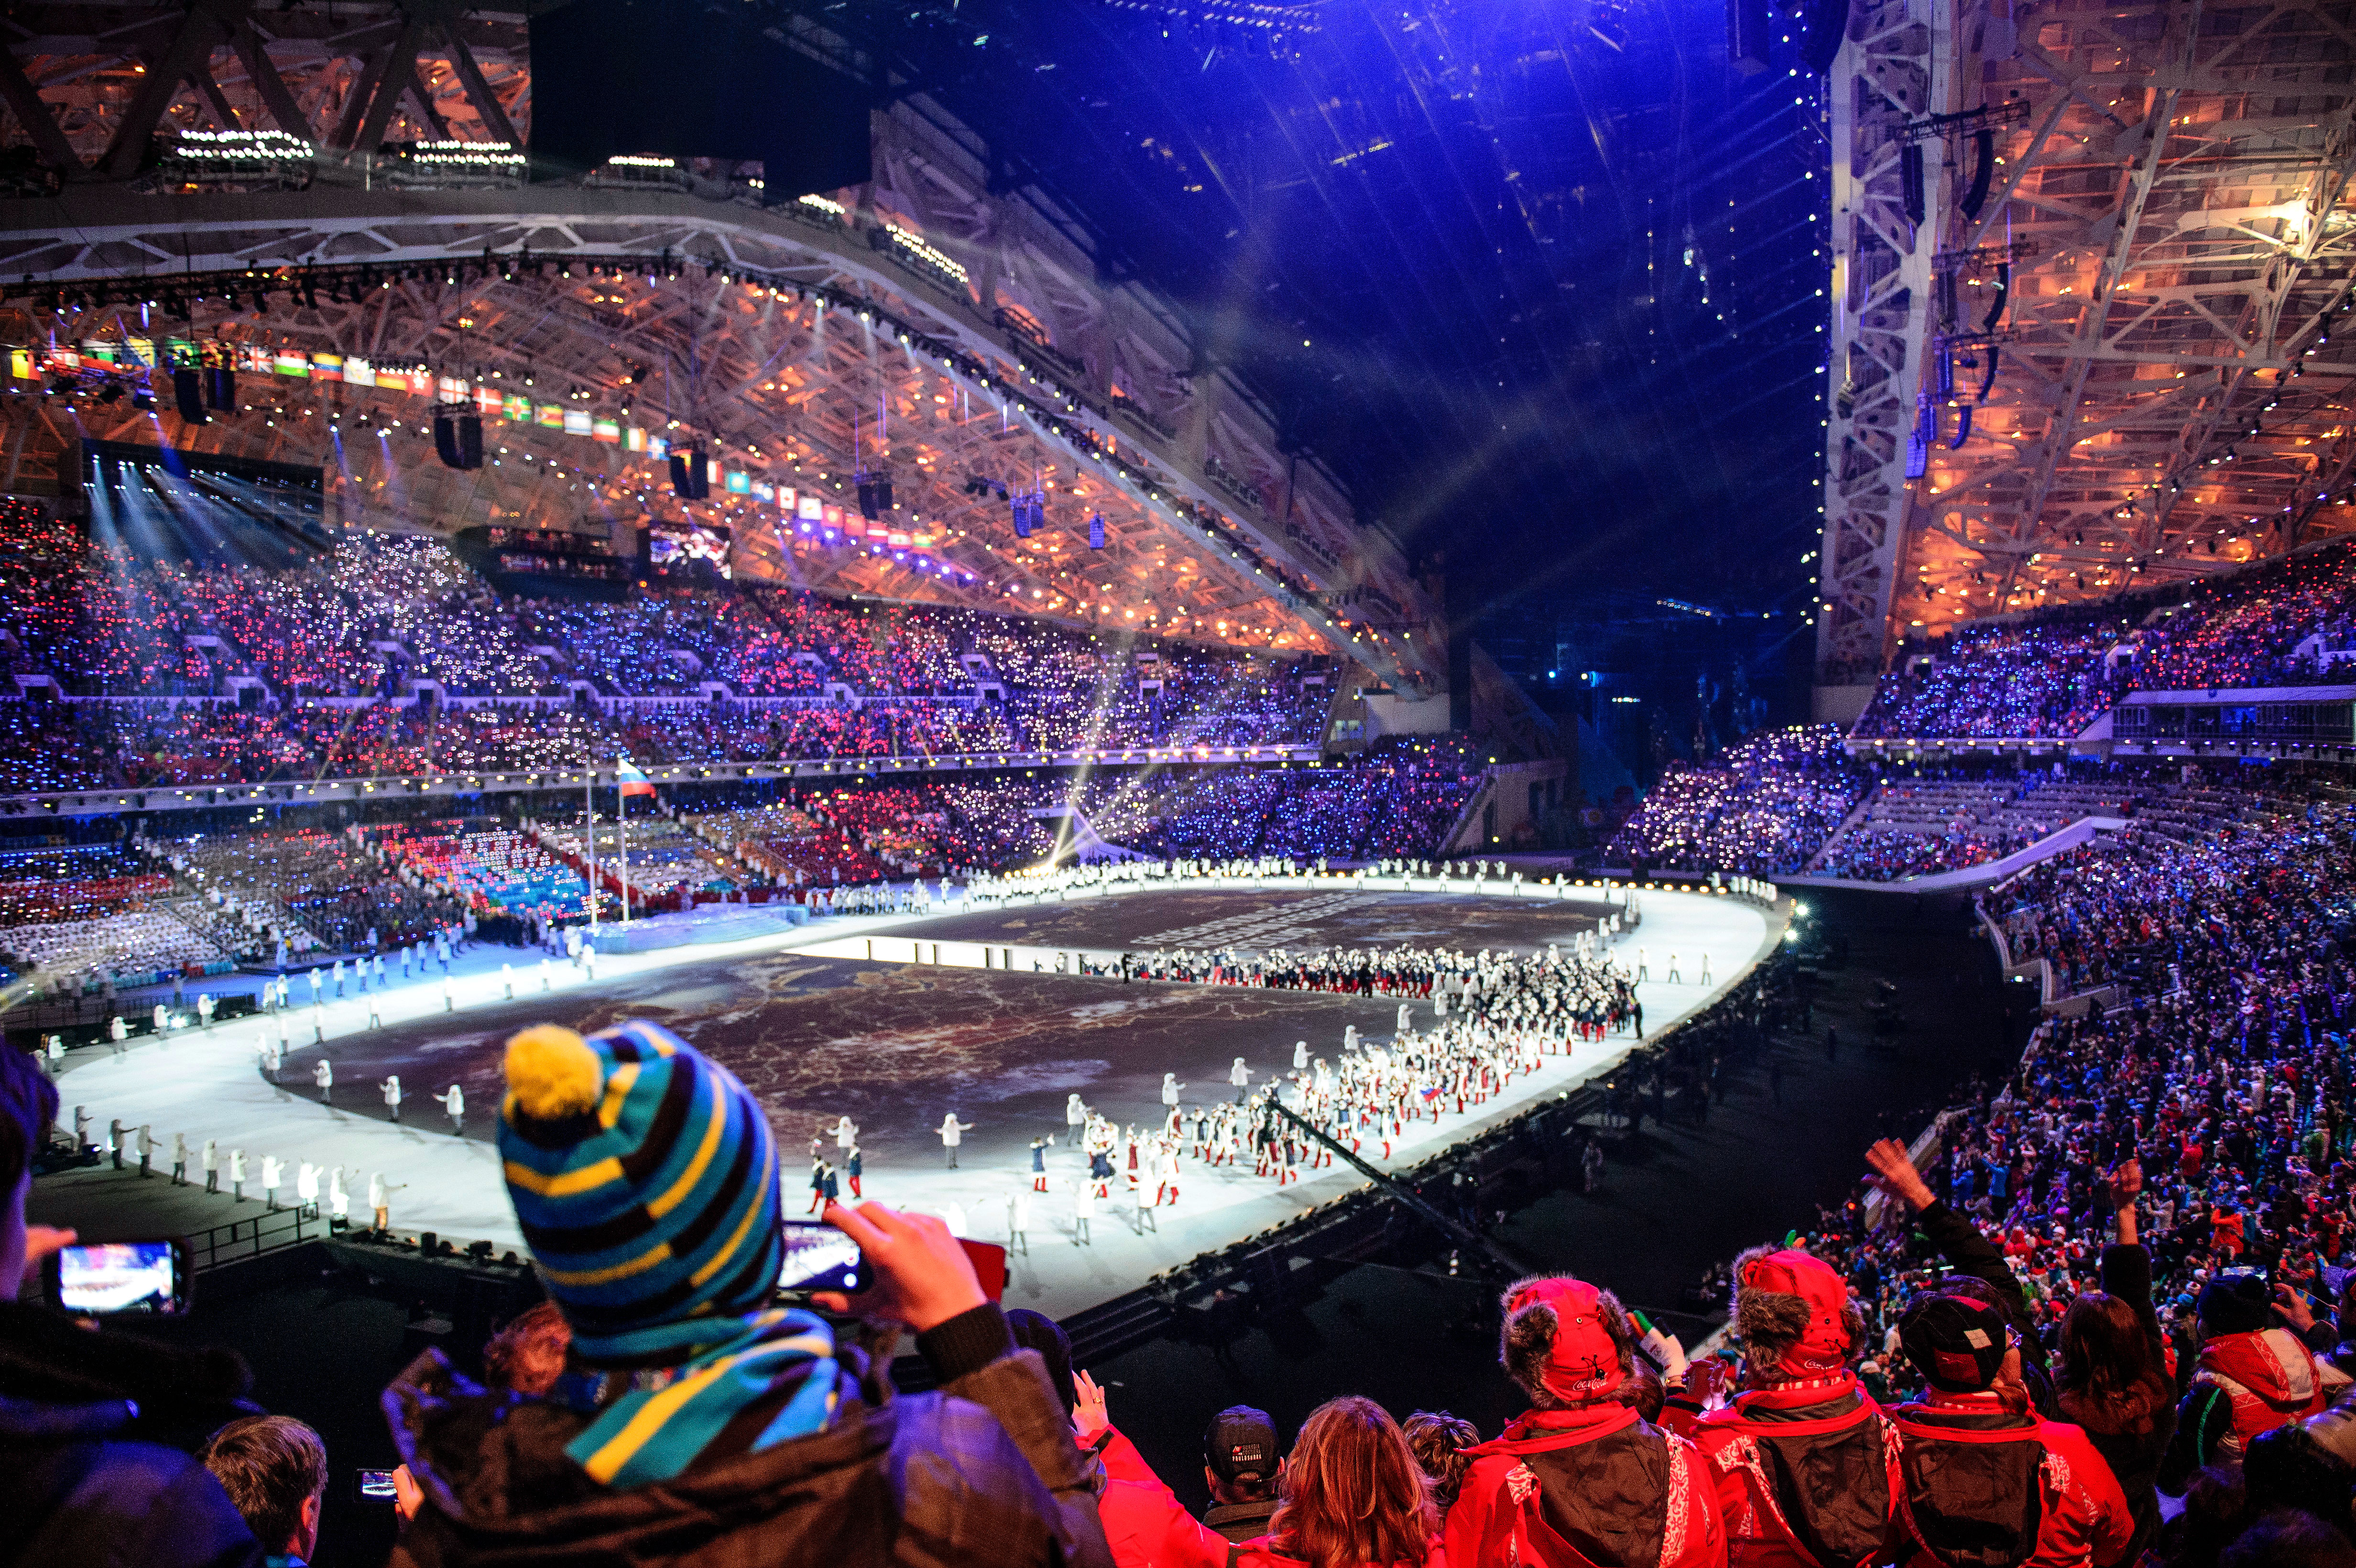 Sochi 2014 - Opening Ceremony